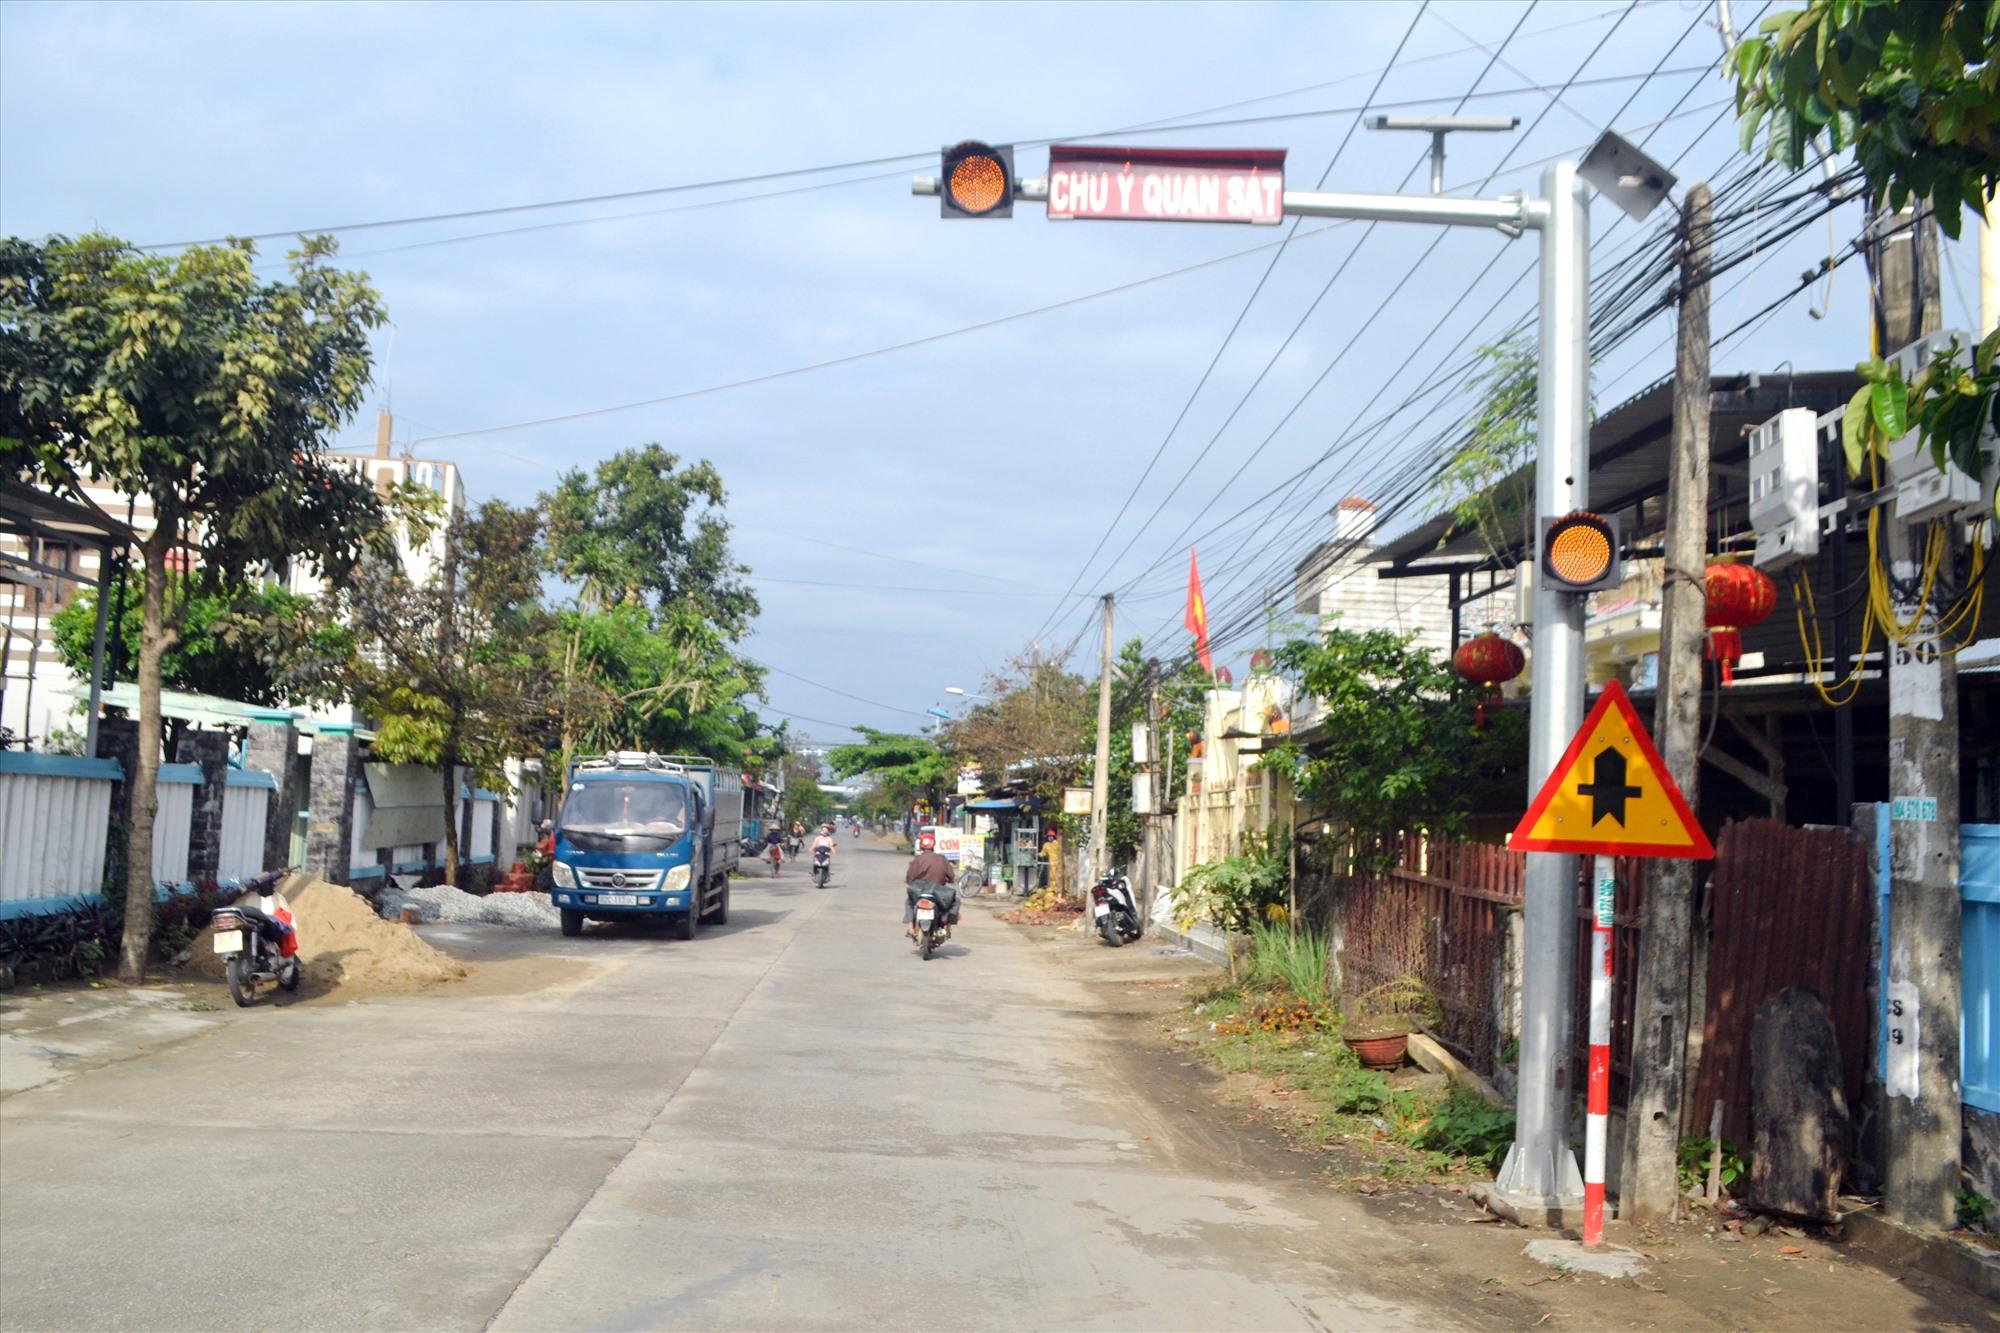 Ban ATGT tỉnh đã lắp đặt đèn cảnh báo nguy hiểm trên tuyến ĐT610B qua Điện Bàn. Ảnh: T.C.T